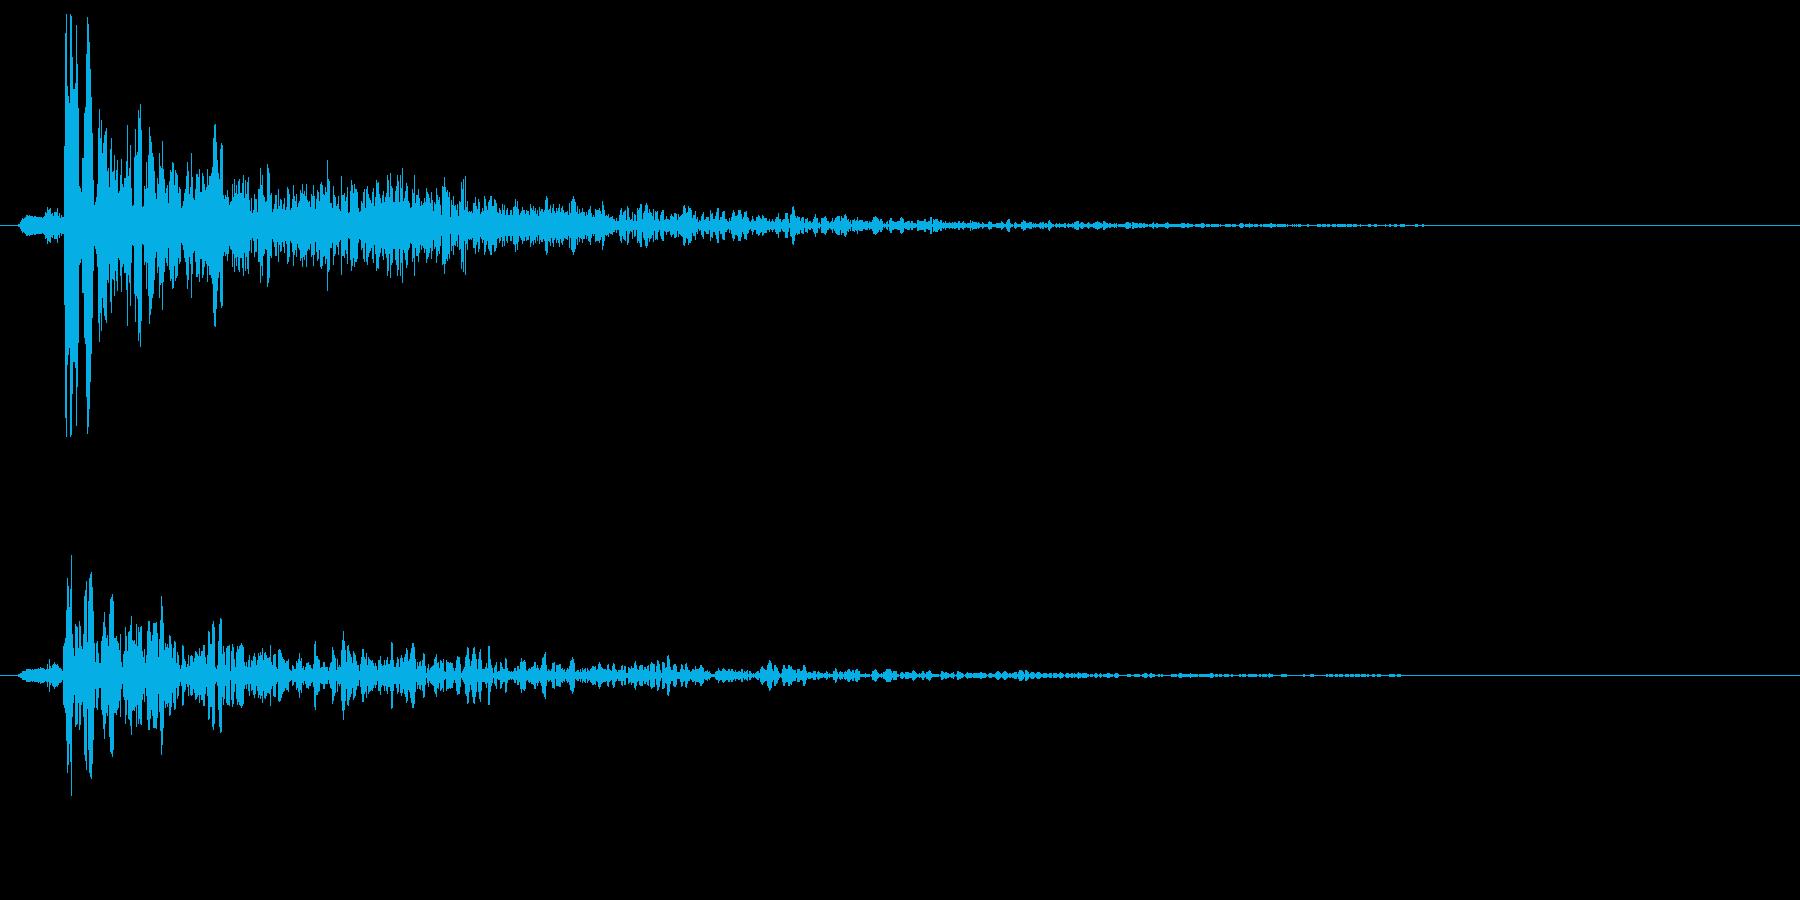 ボォン(未来武器の攻撃時の狙撃音)の再生済みの波形